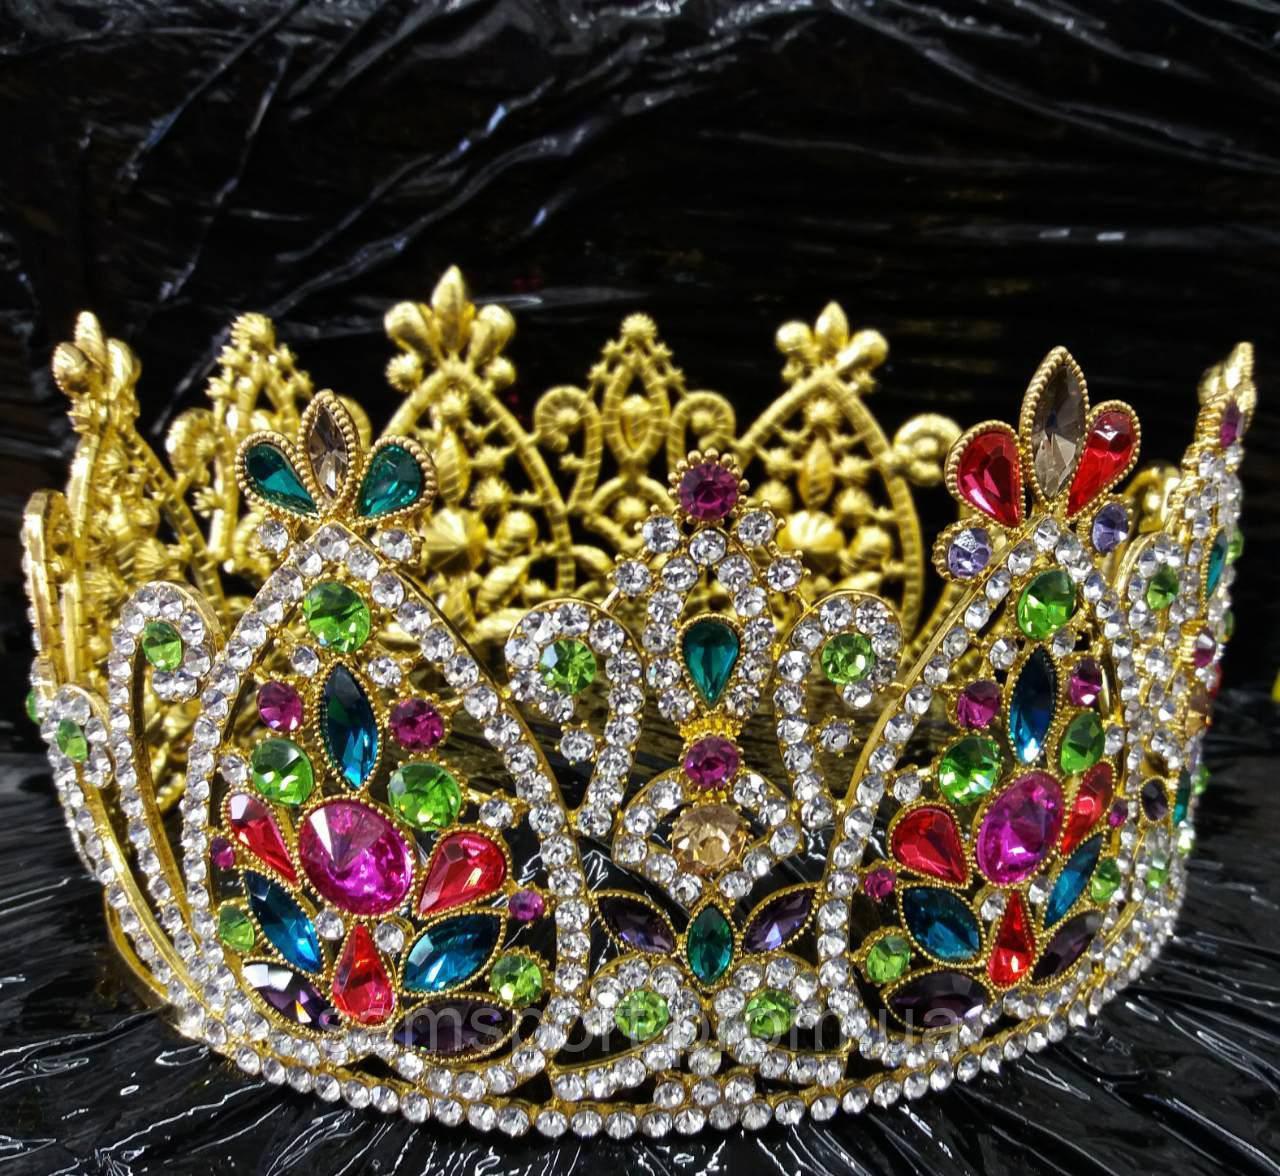 Восточные высокие короны из цветных страз и камней оптом 181